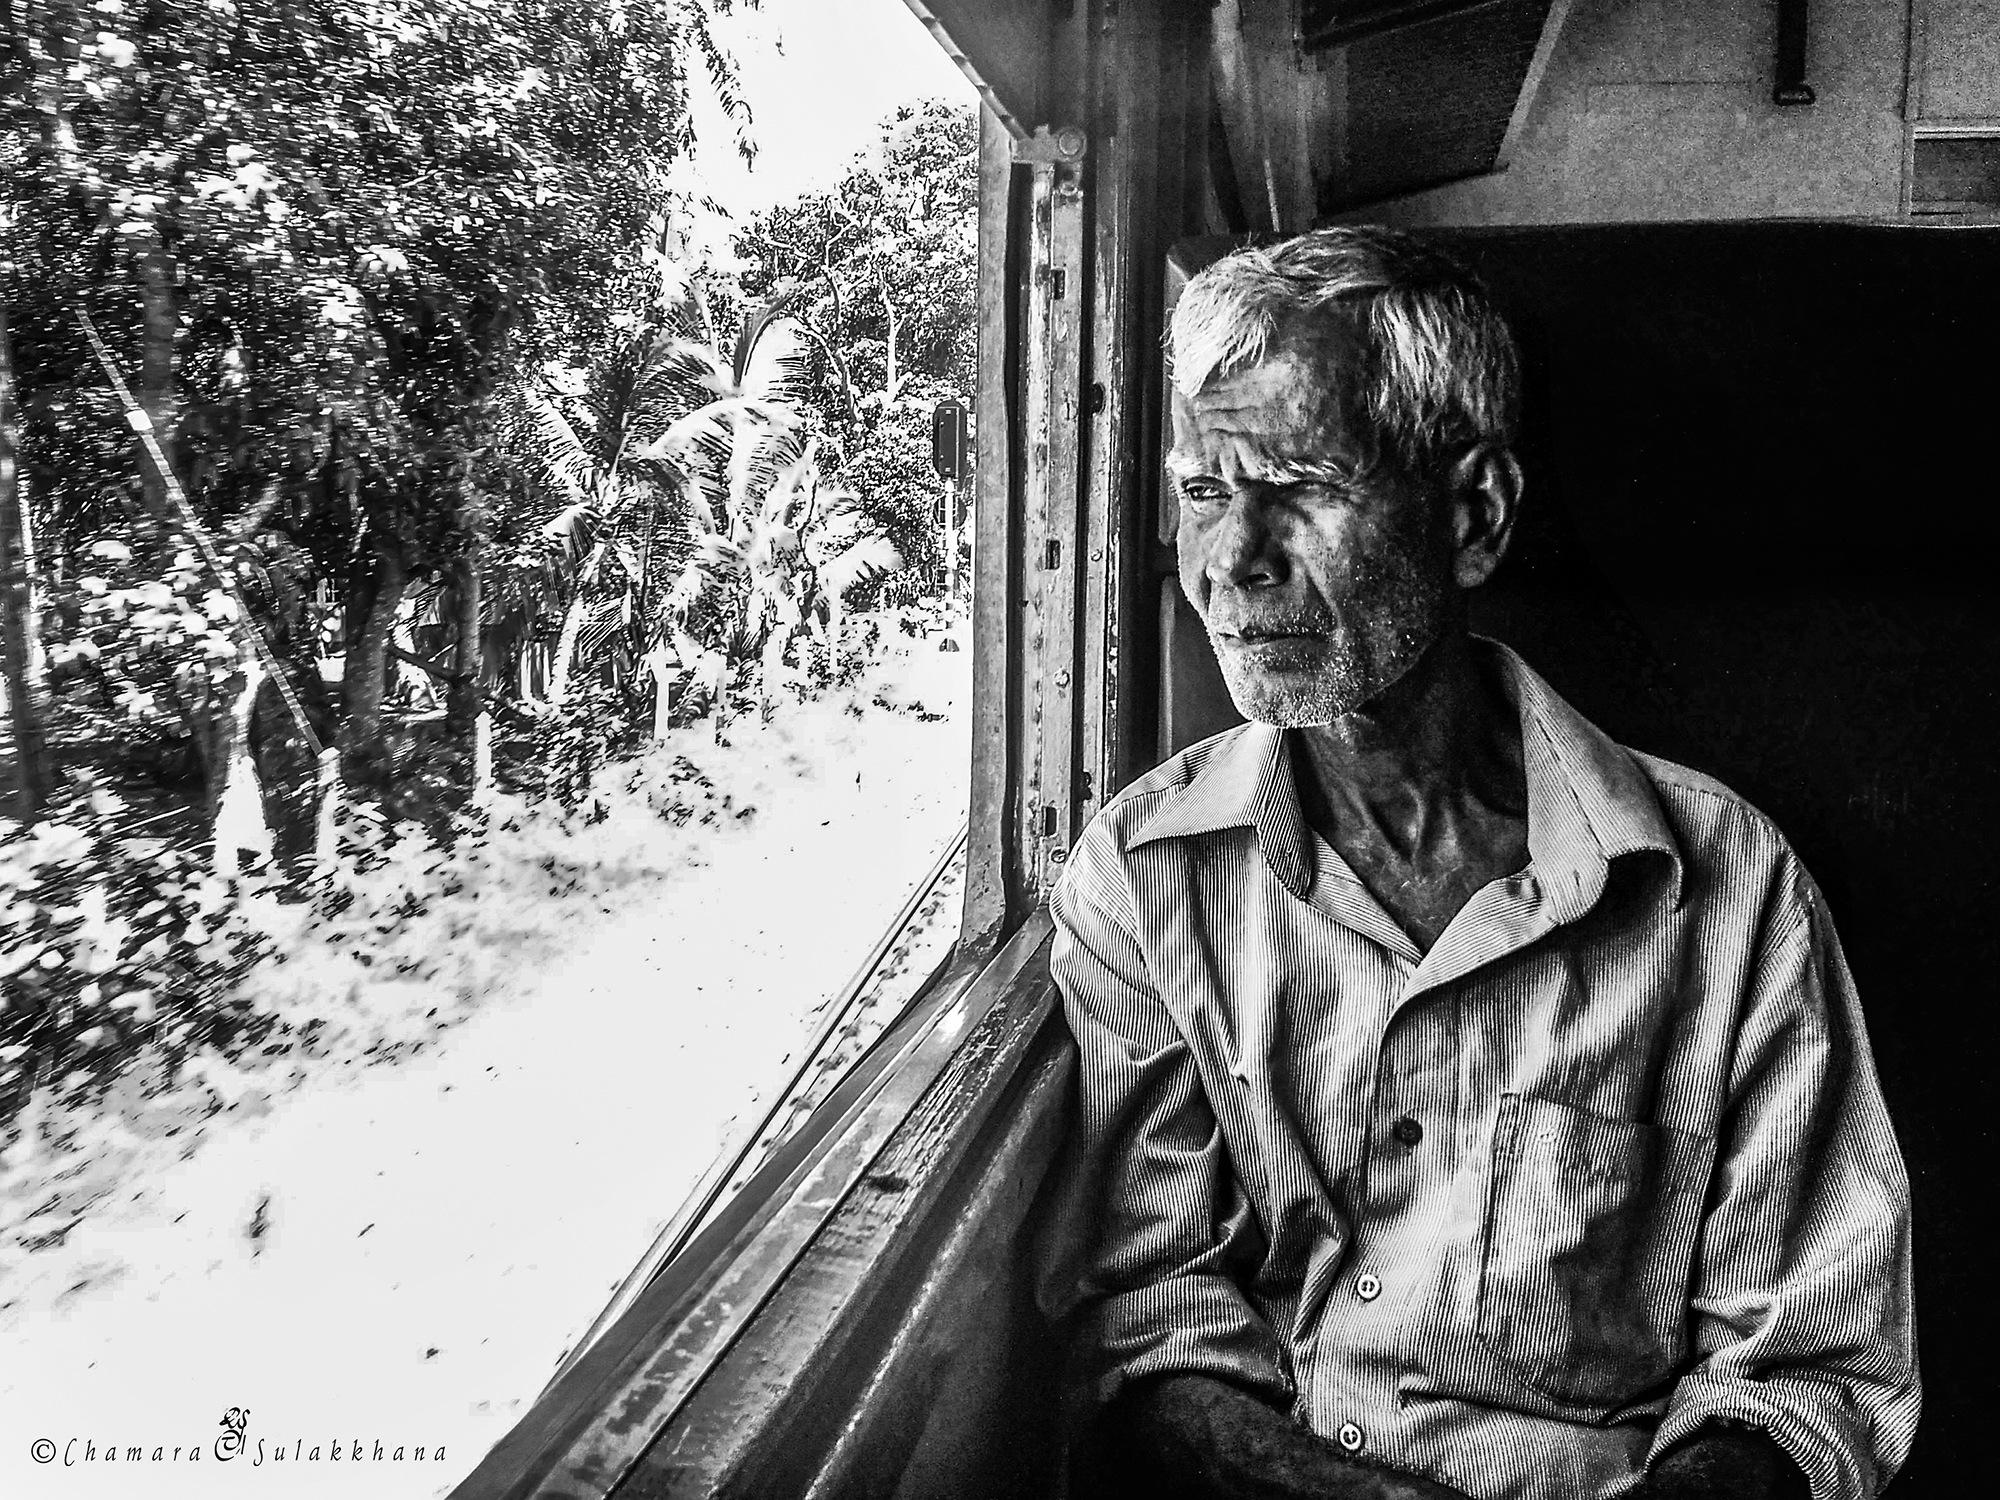 LIFE by Sulakkhana Chamara